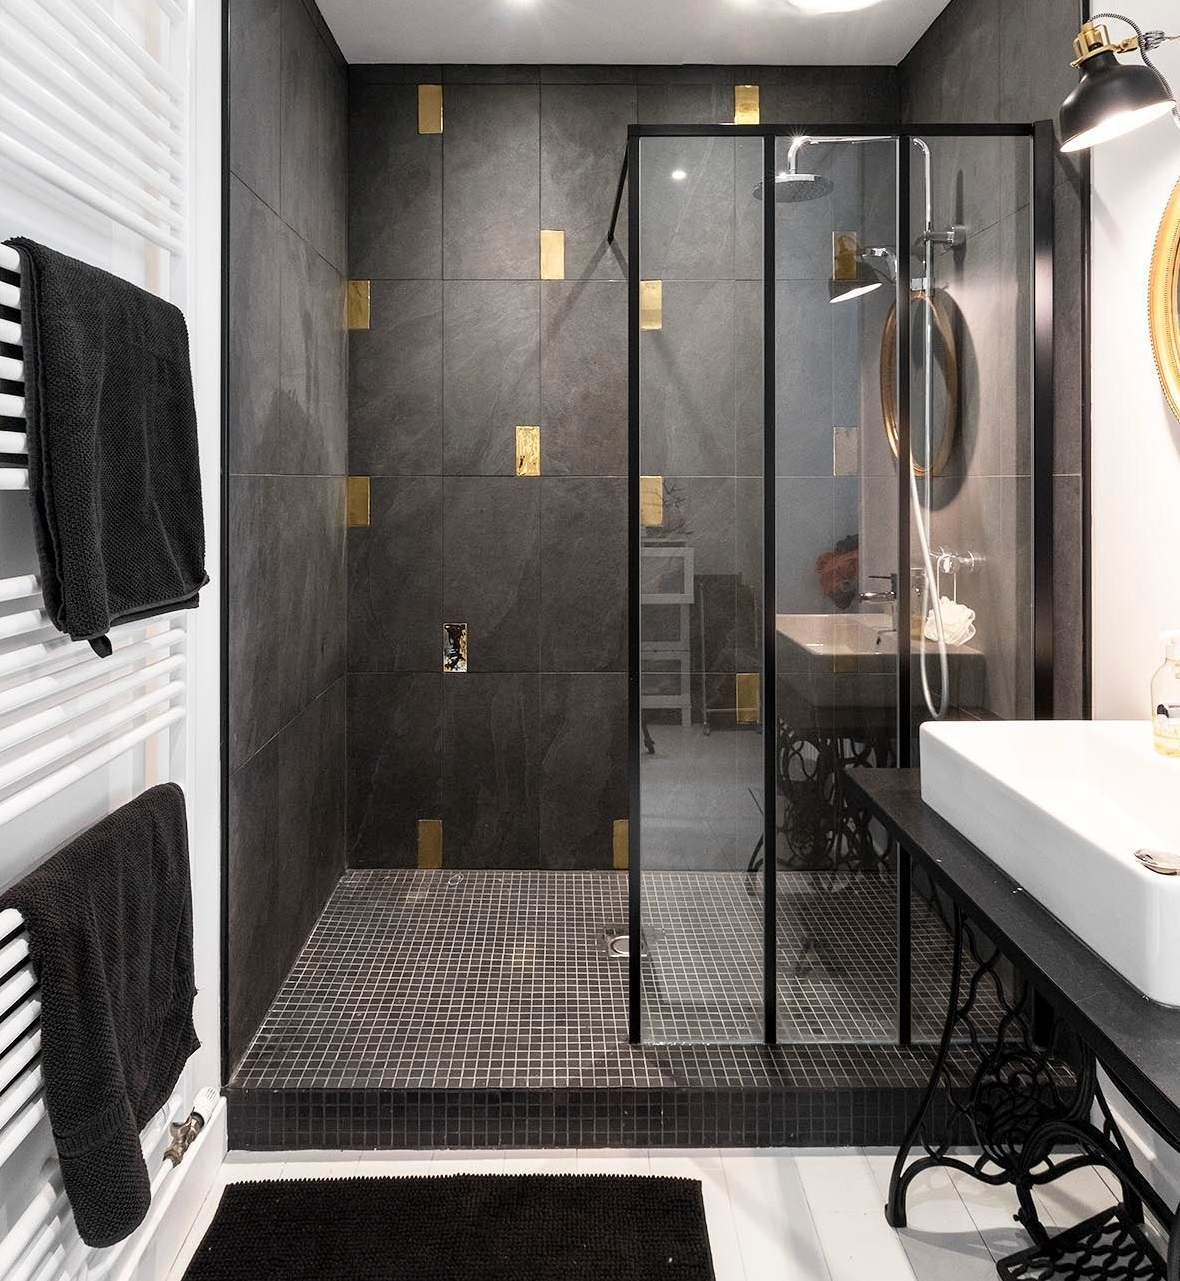 Salle de bain avec douche verrière : choisir sa paroi verrière d ...